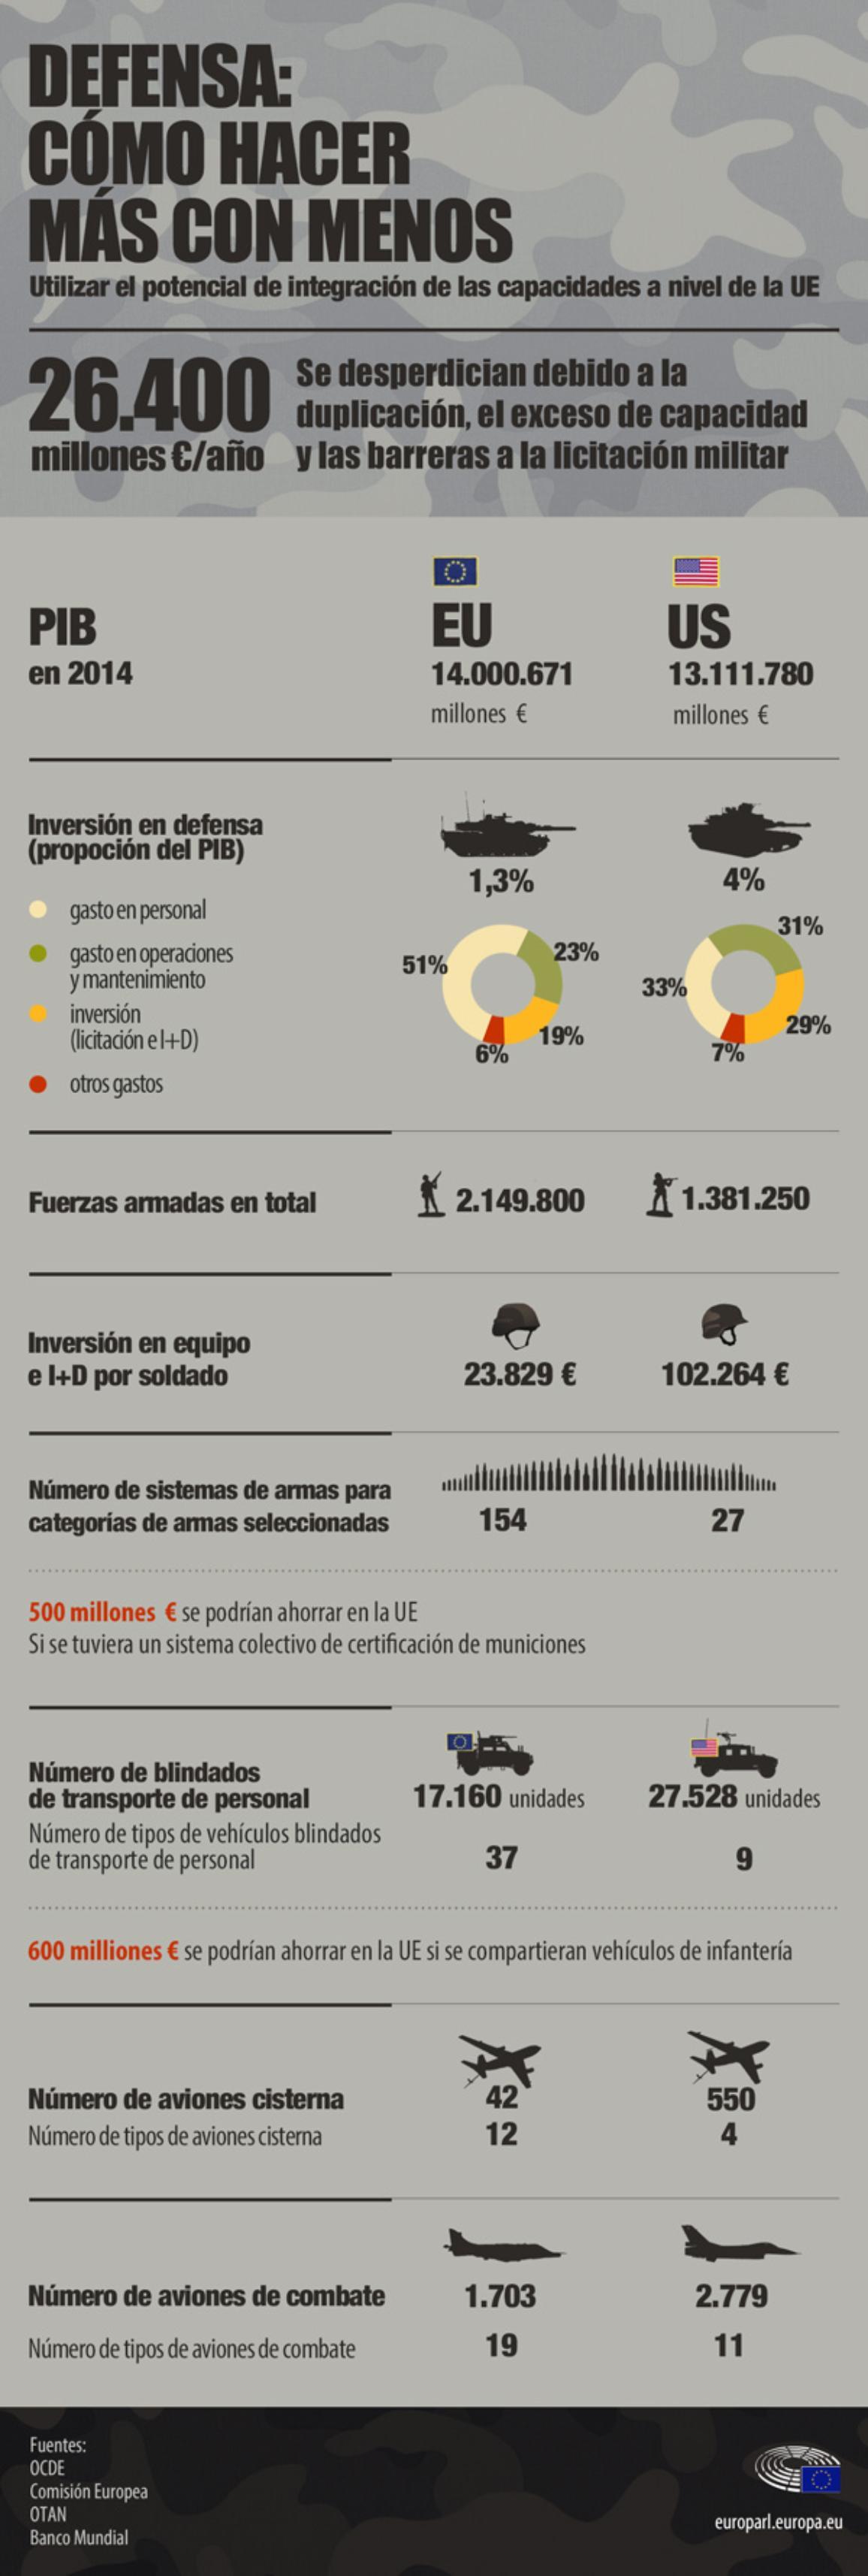 Infografía sobre la fragmentación del mercado de defensa de la UE y cómo se puede hacer más con menos